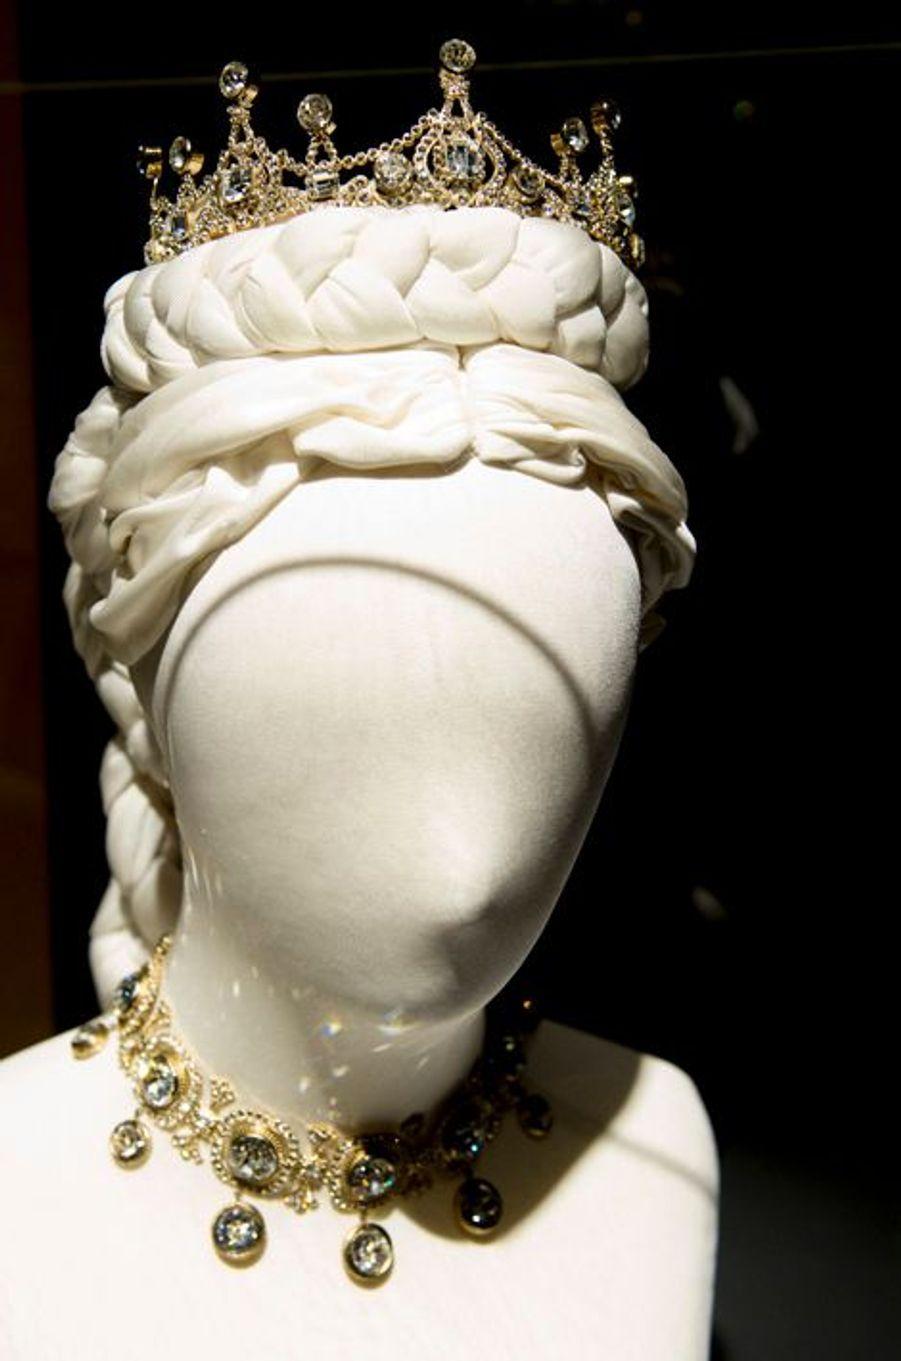 Exposition sur Sissi au palais Het Loo à Apeldoorn, le 9 avril 2015